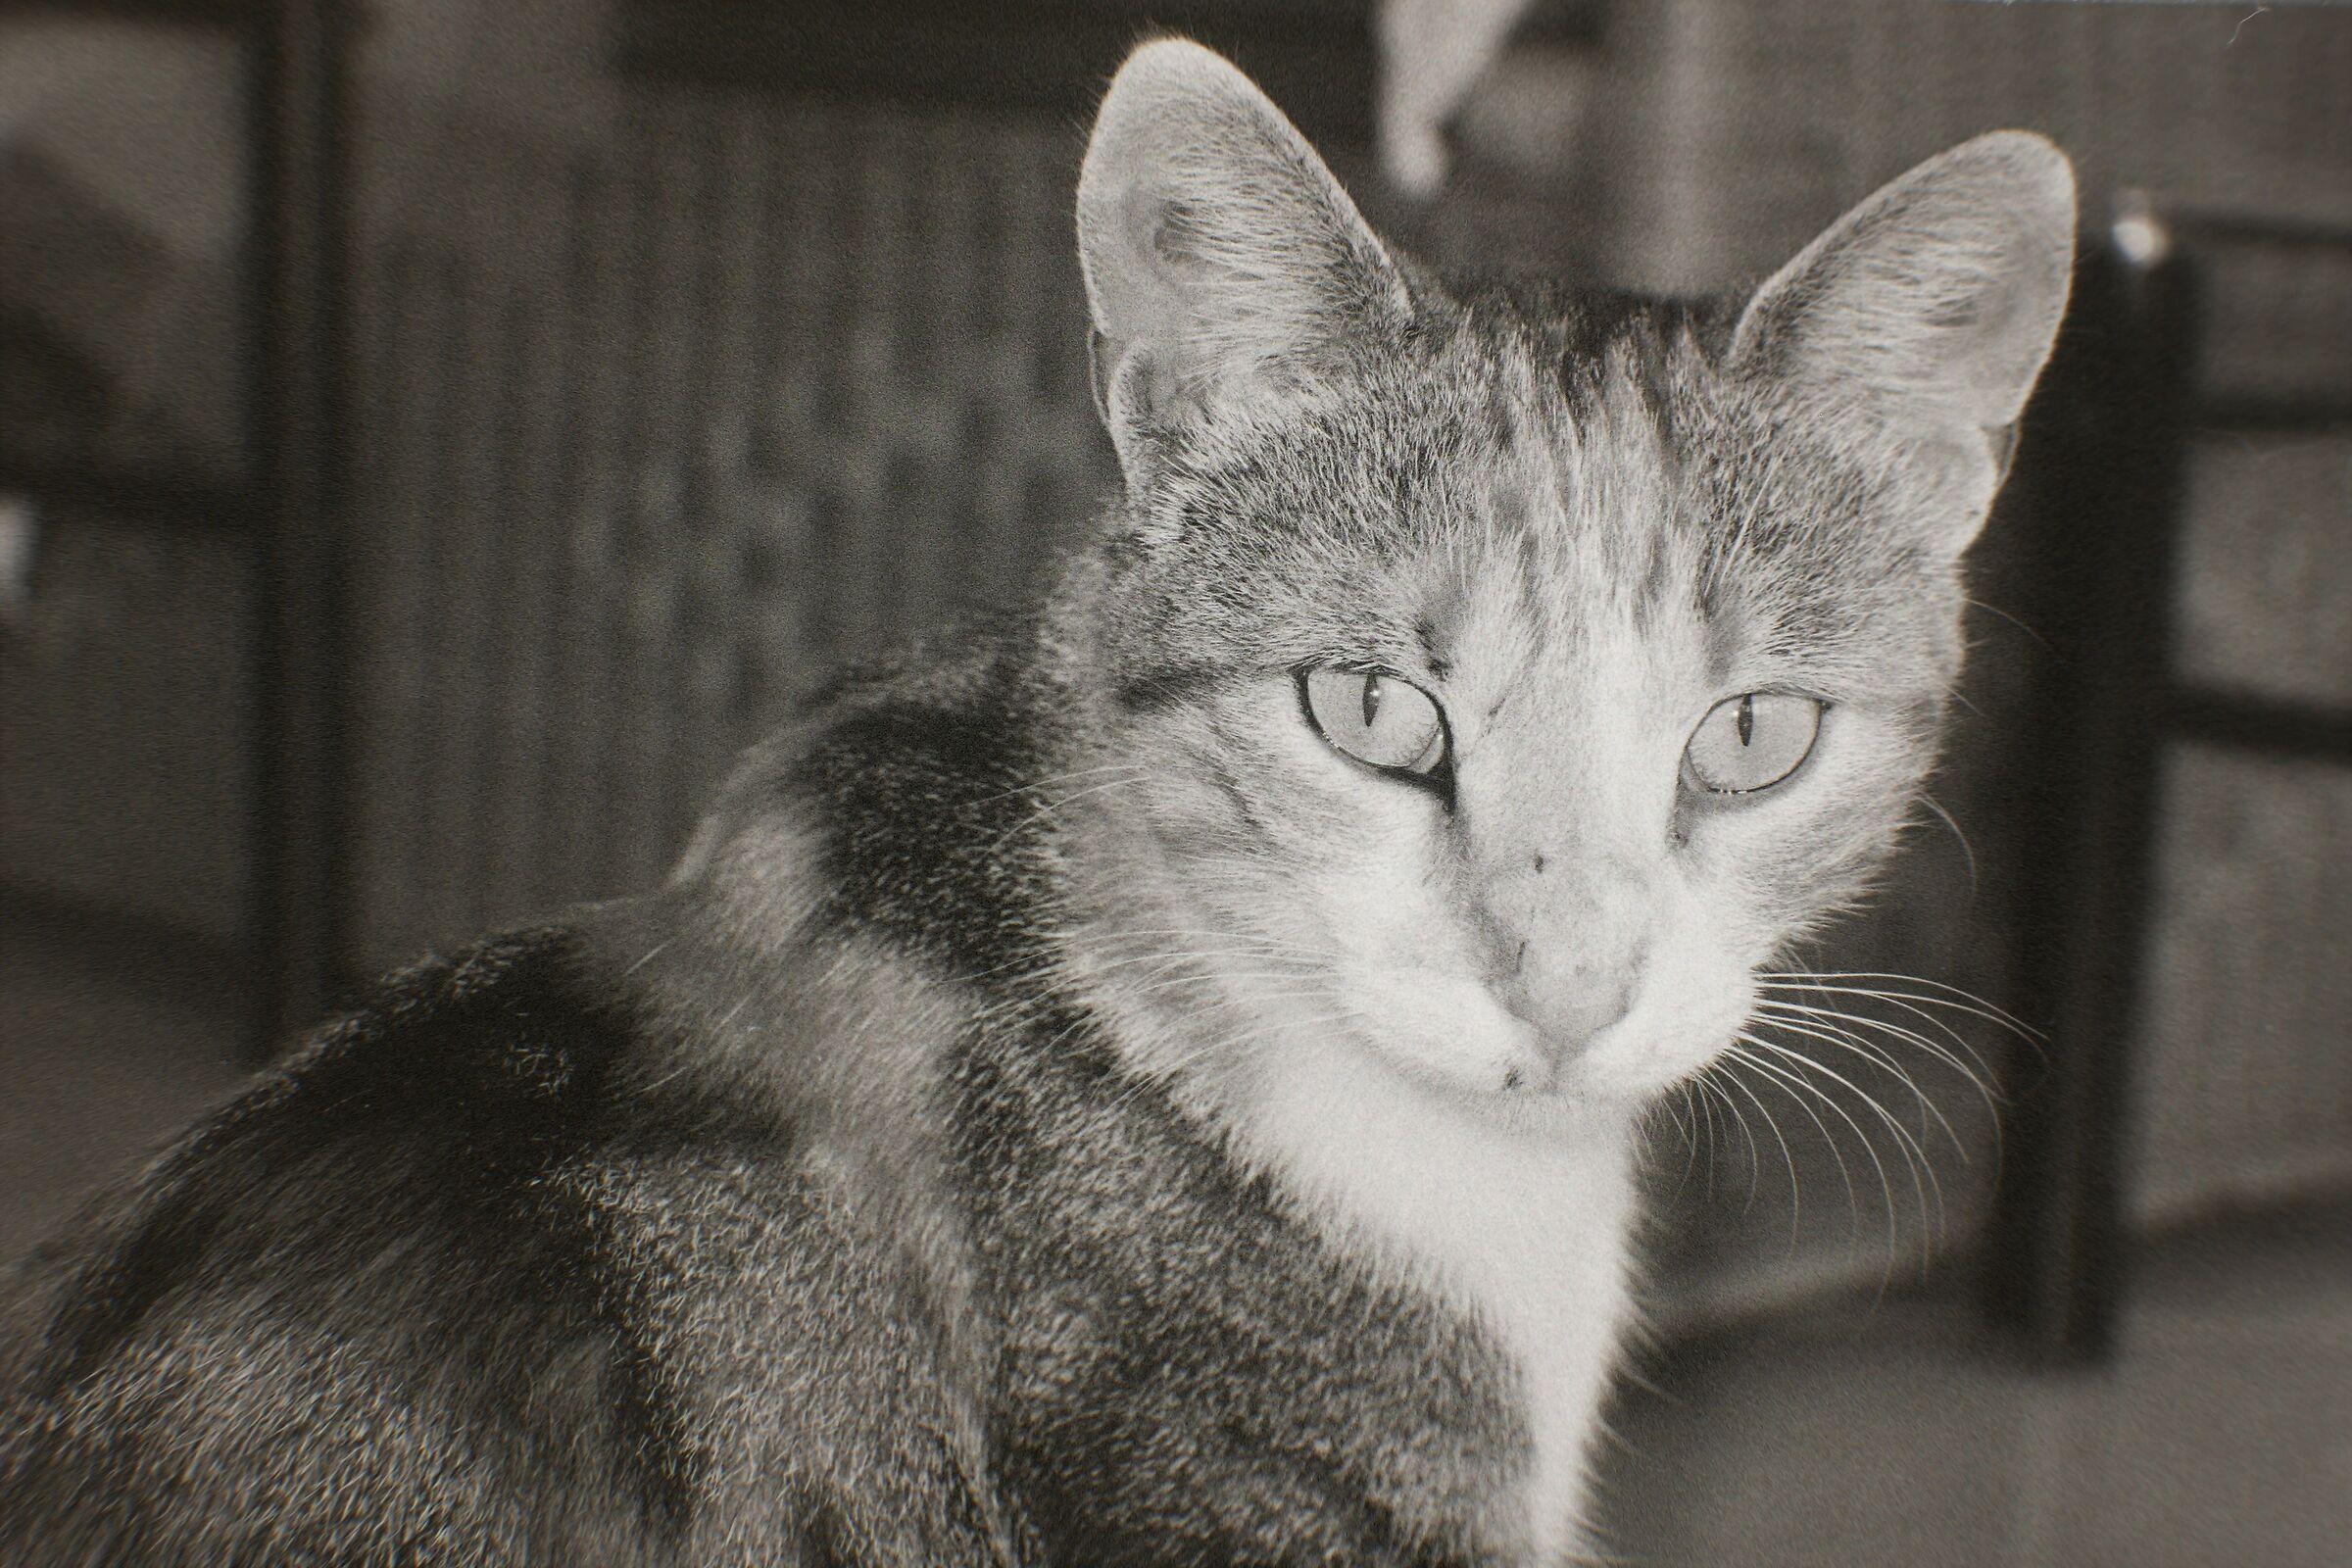 La mia gatta...